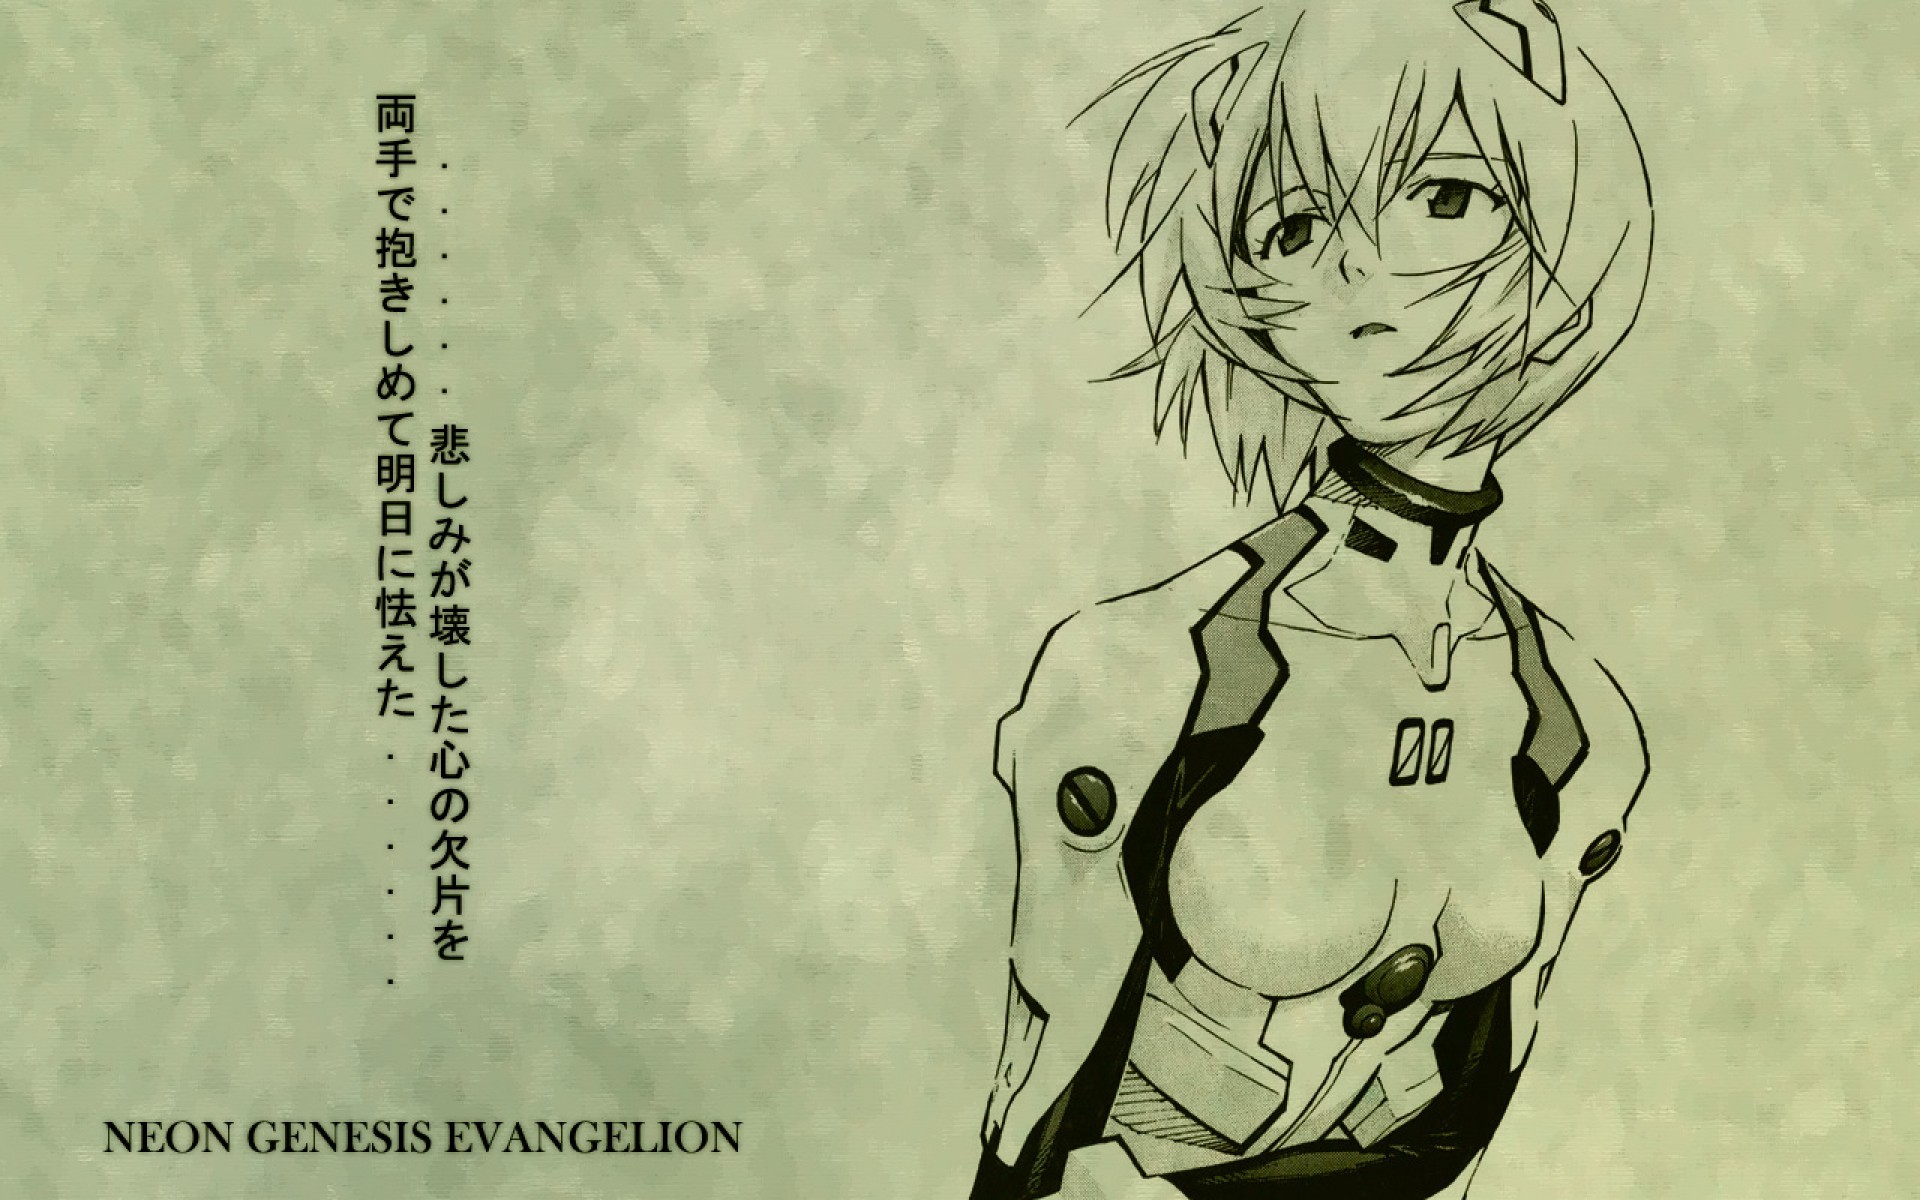 … Rei Ayanami Wallpaper HD 2 by strudenfreund